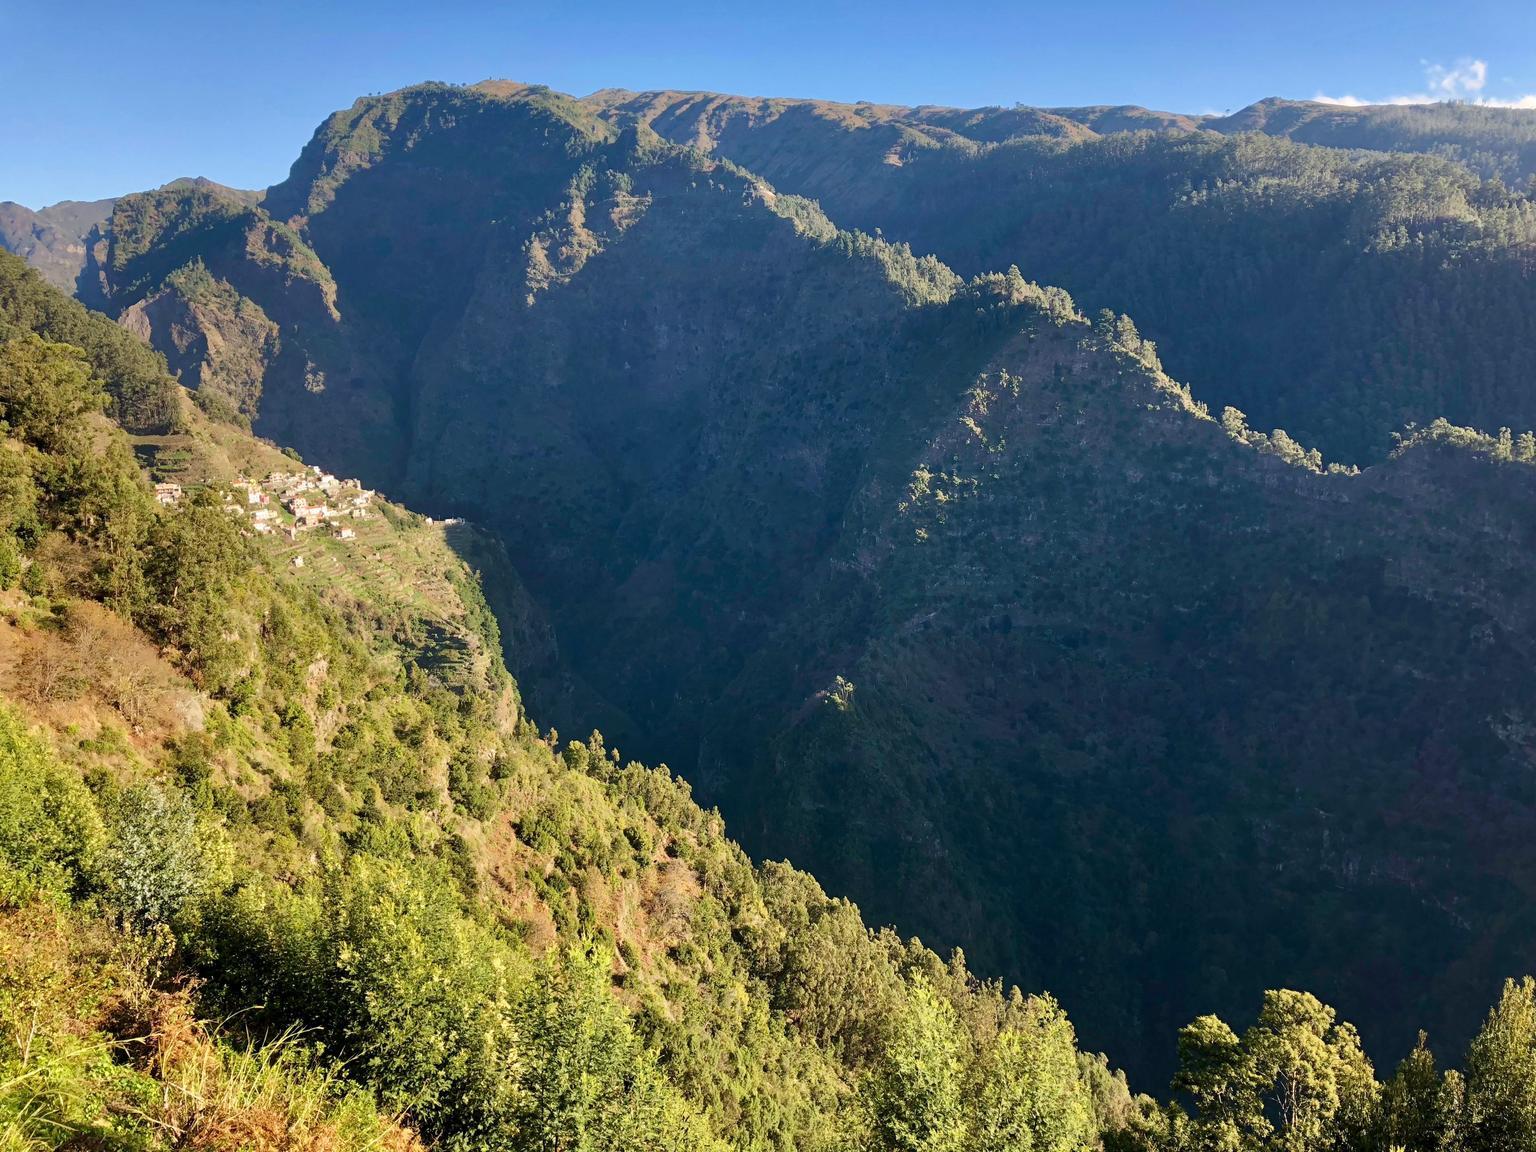 MÁS FOTOS, Impresionante recorrido en 4x4 descapotable hasta un mirador panorámico, un desfiladero y los valles